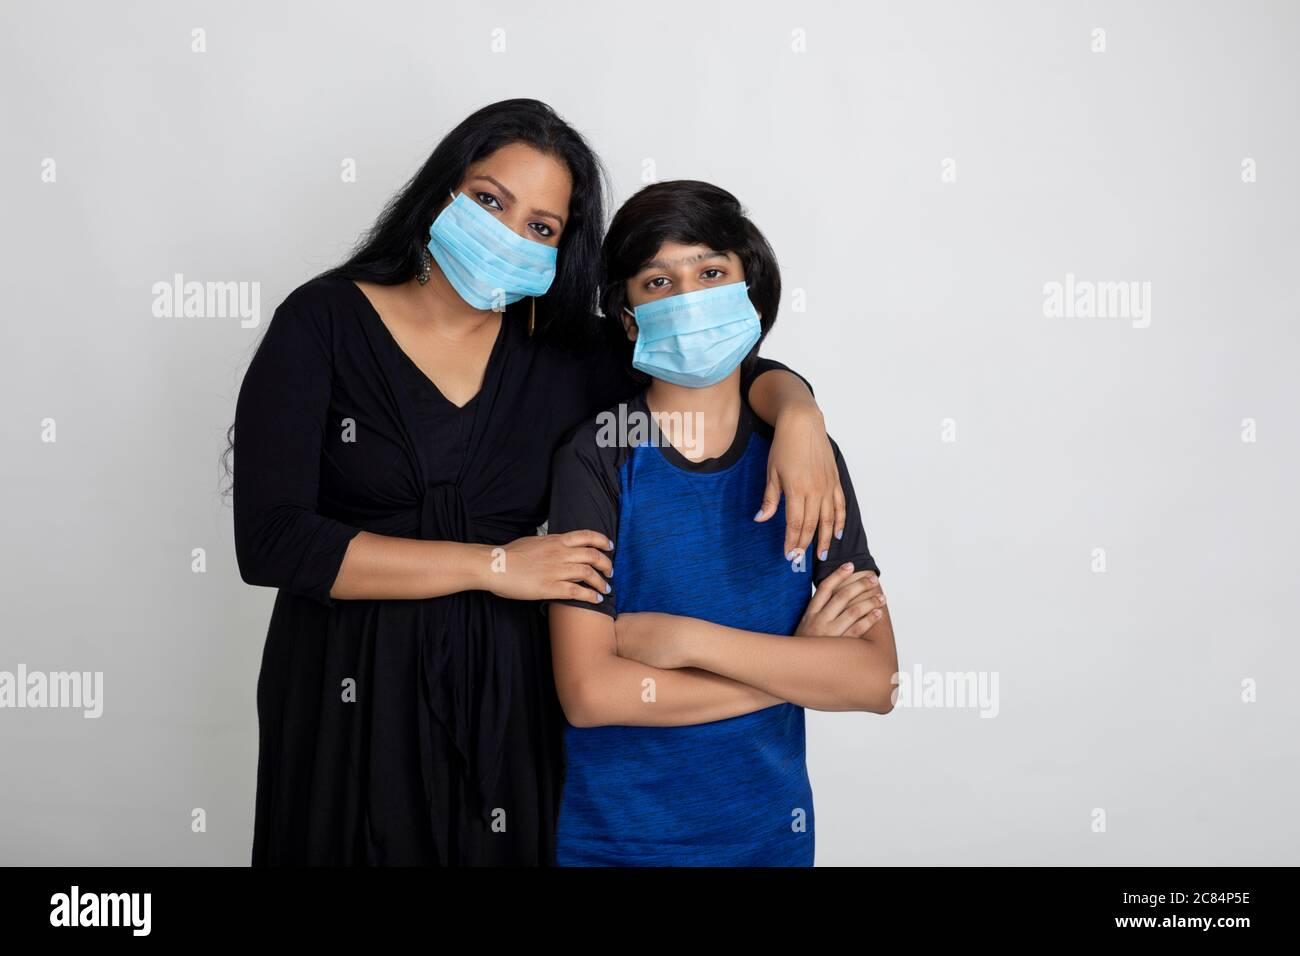 Indische Mutter und Sohn tragen Covid Schutzmaske, Frau und kleiner Junge stehen zusammen mit Gesichtsmaske Stockfoto